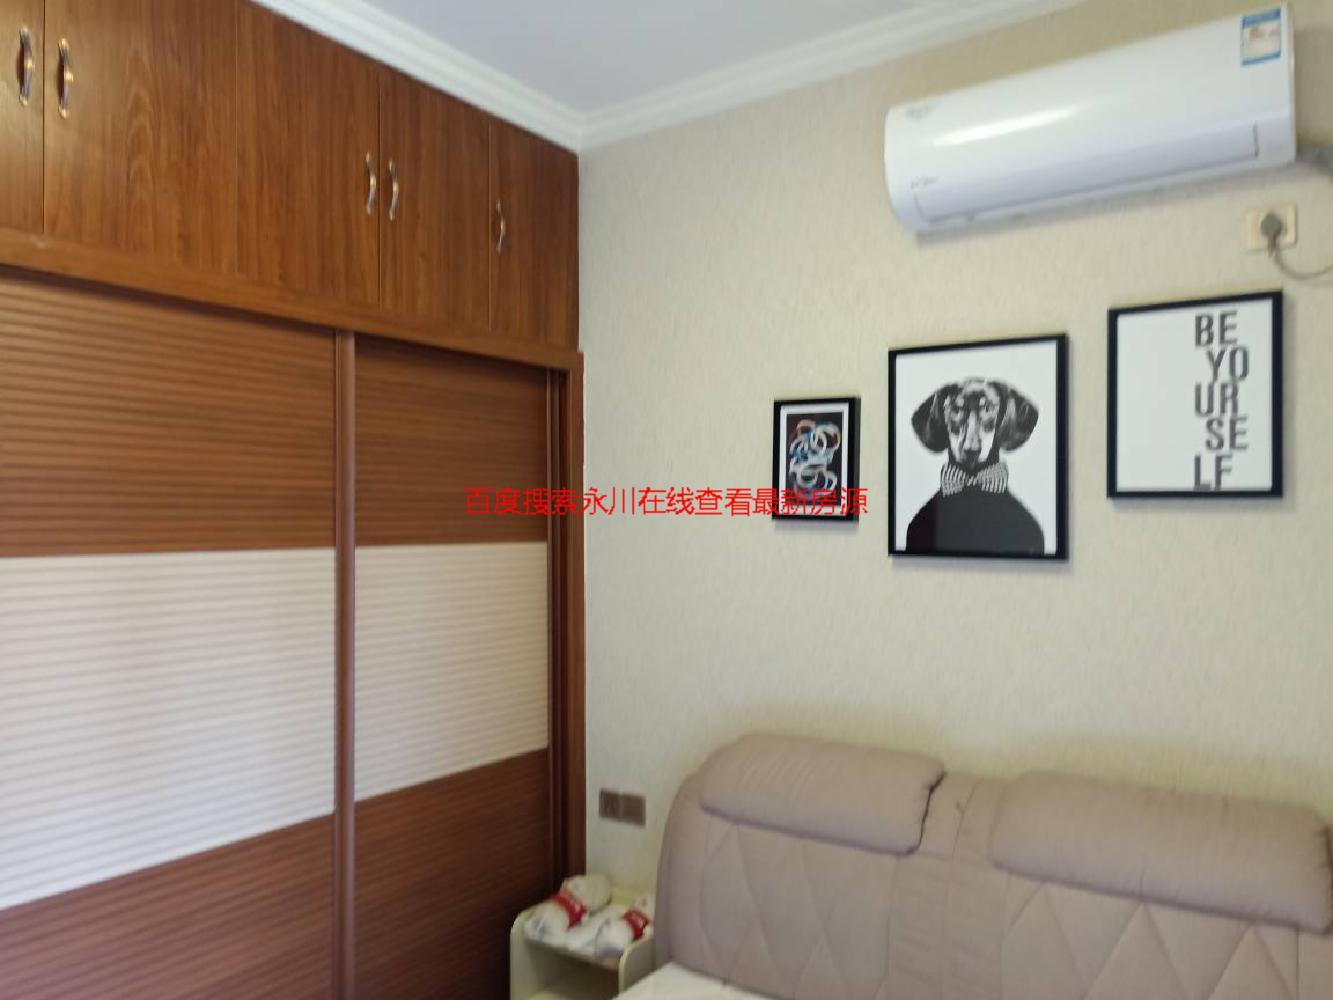 永川凰城华府精装两房中等楼层品质小区限时出售